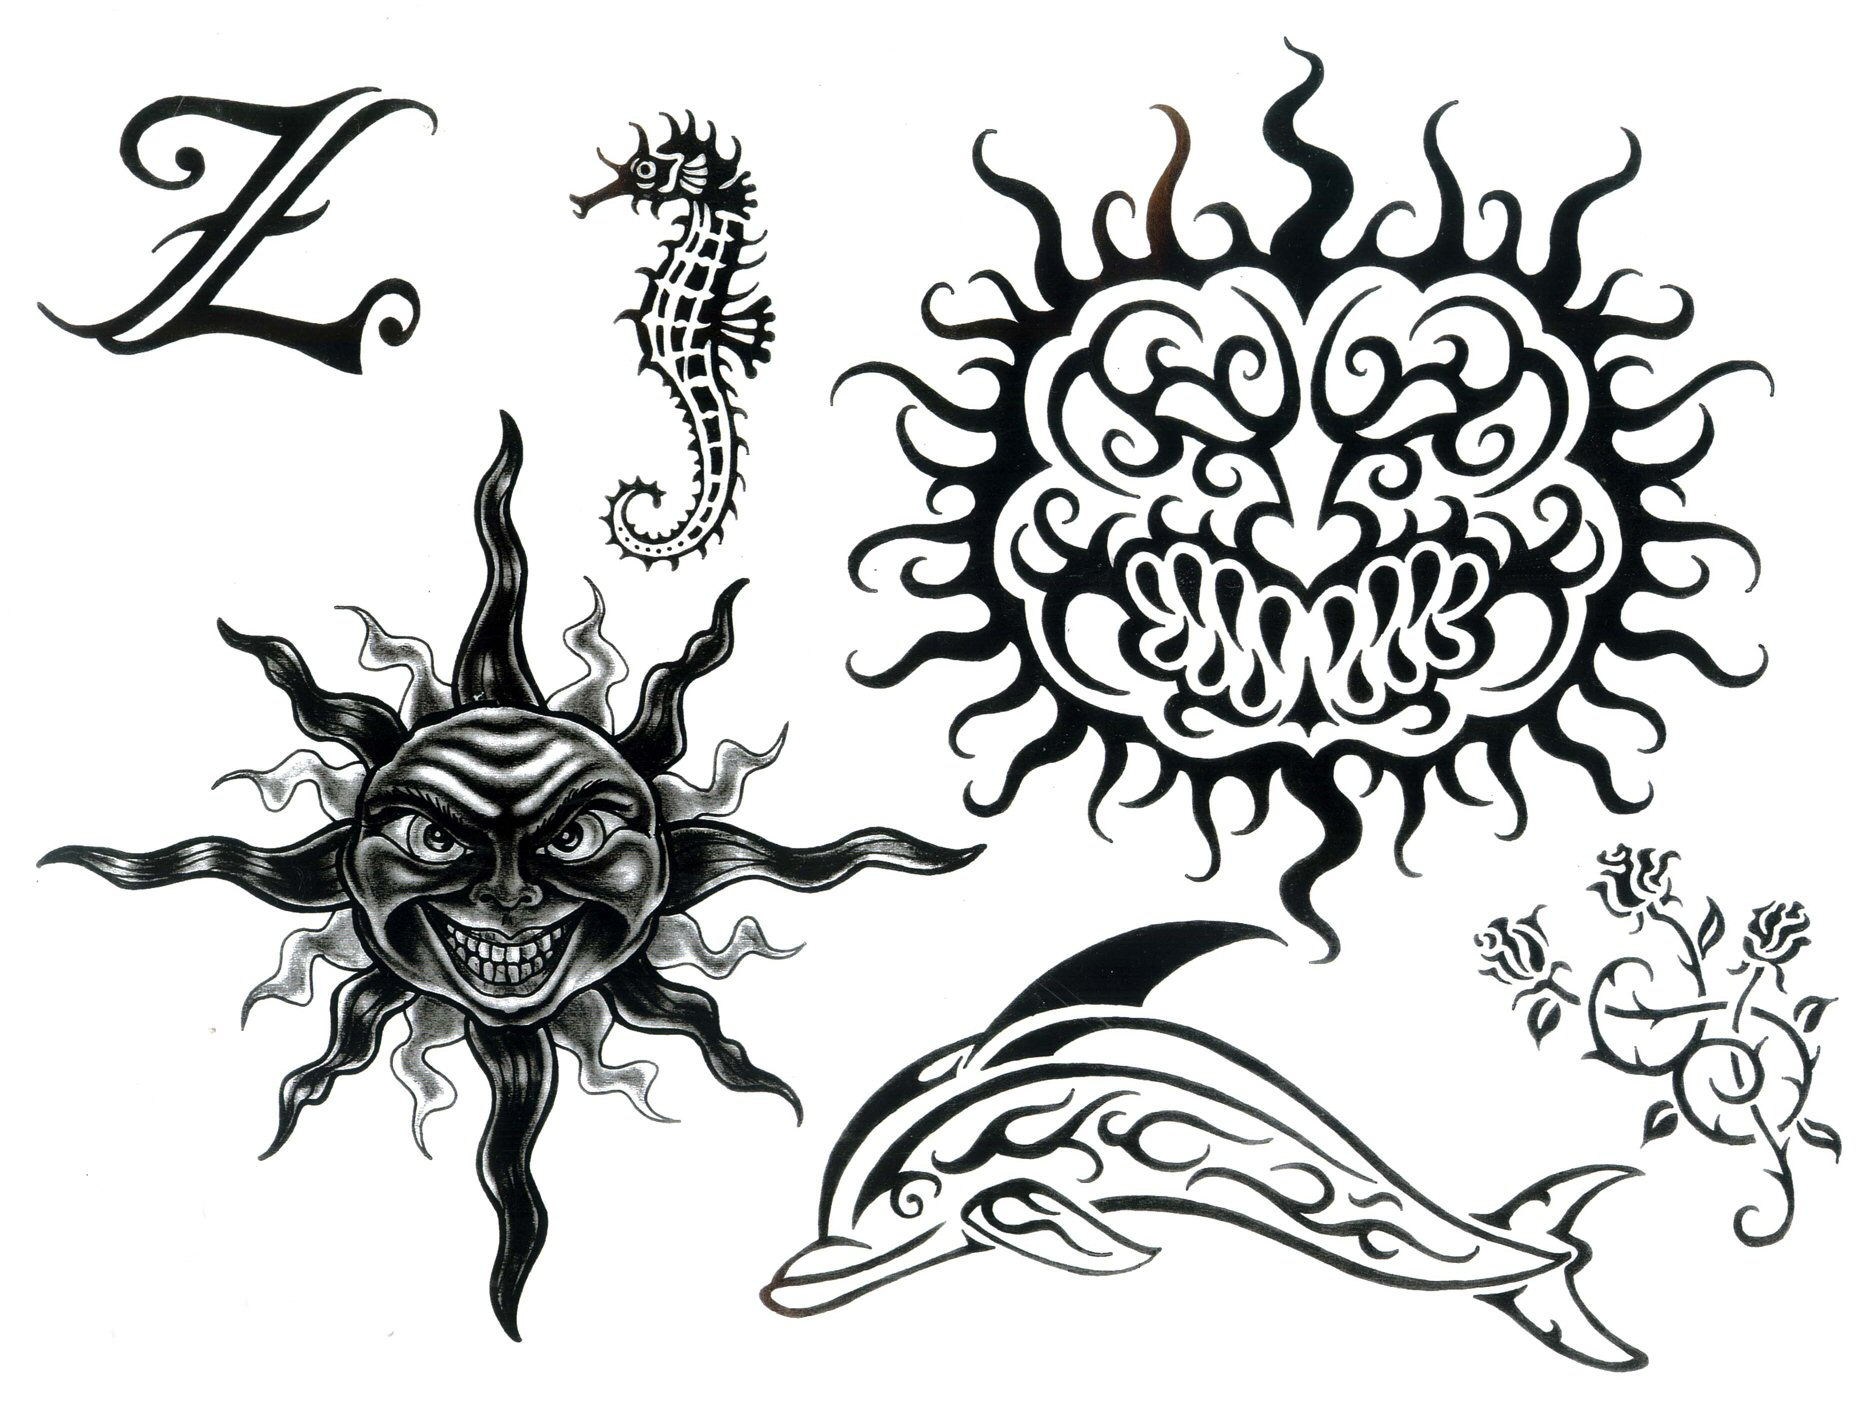 Ornamenty / černobílý